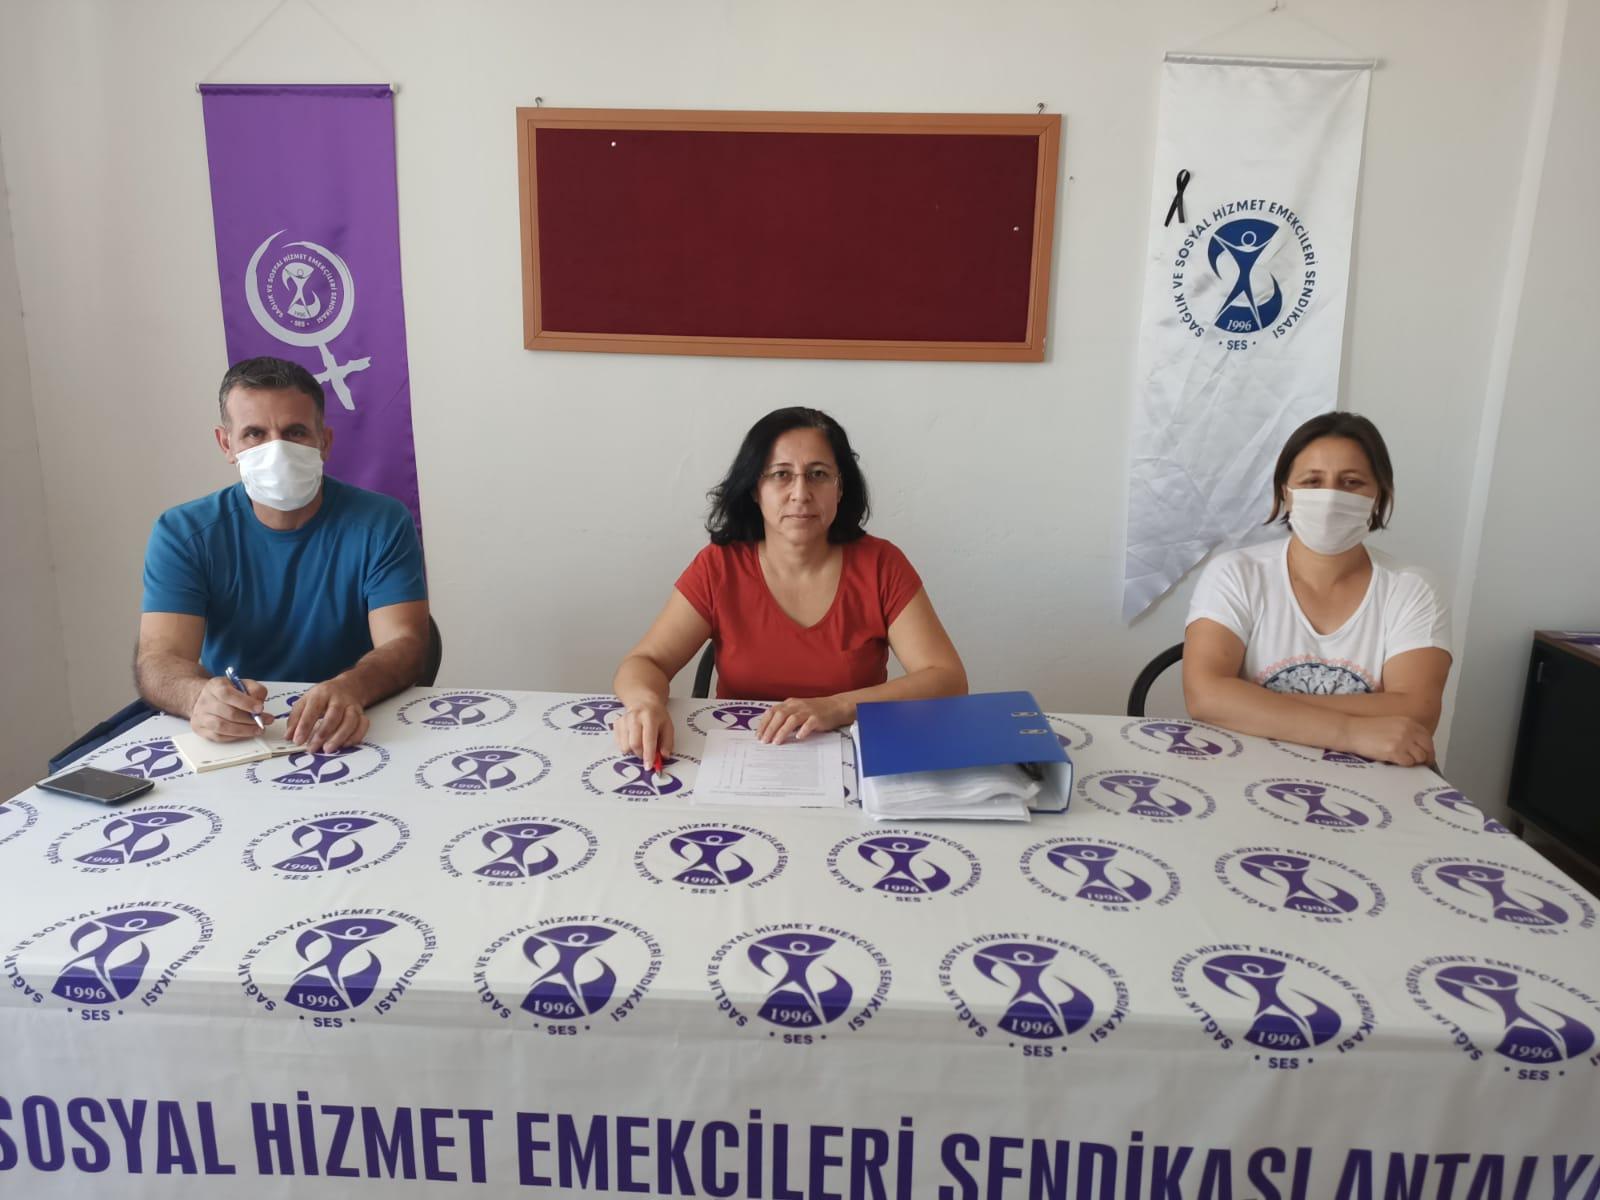 """Antalya Şubemiz """"Güvenceli İş, Güvenli Gelecek"""" İmzalarını TBMM'ye Sunulması İçin Genel Merkezimize Gönderdi"""